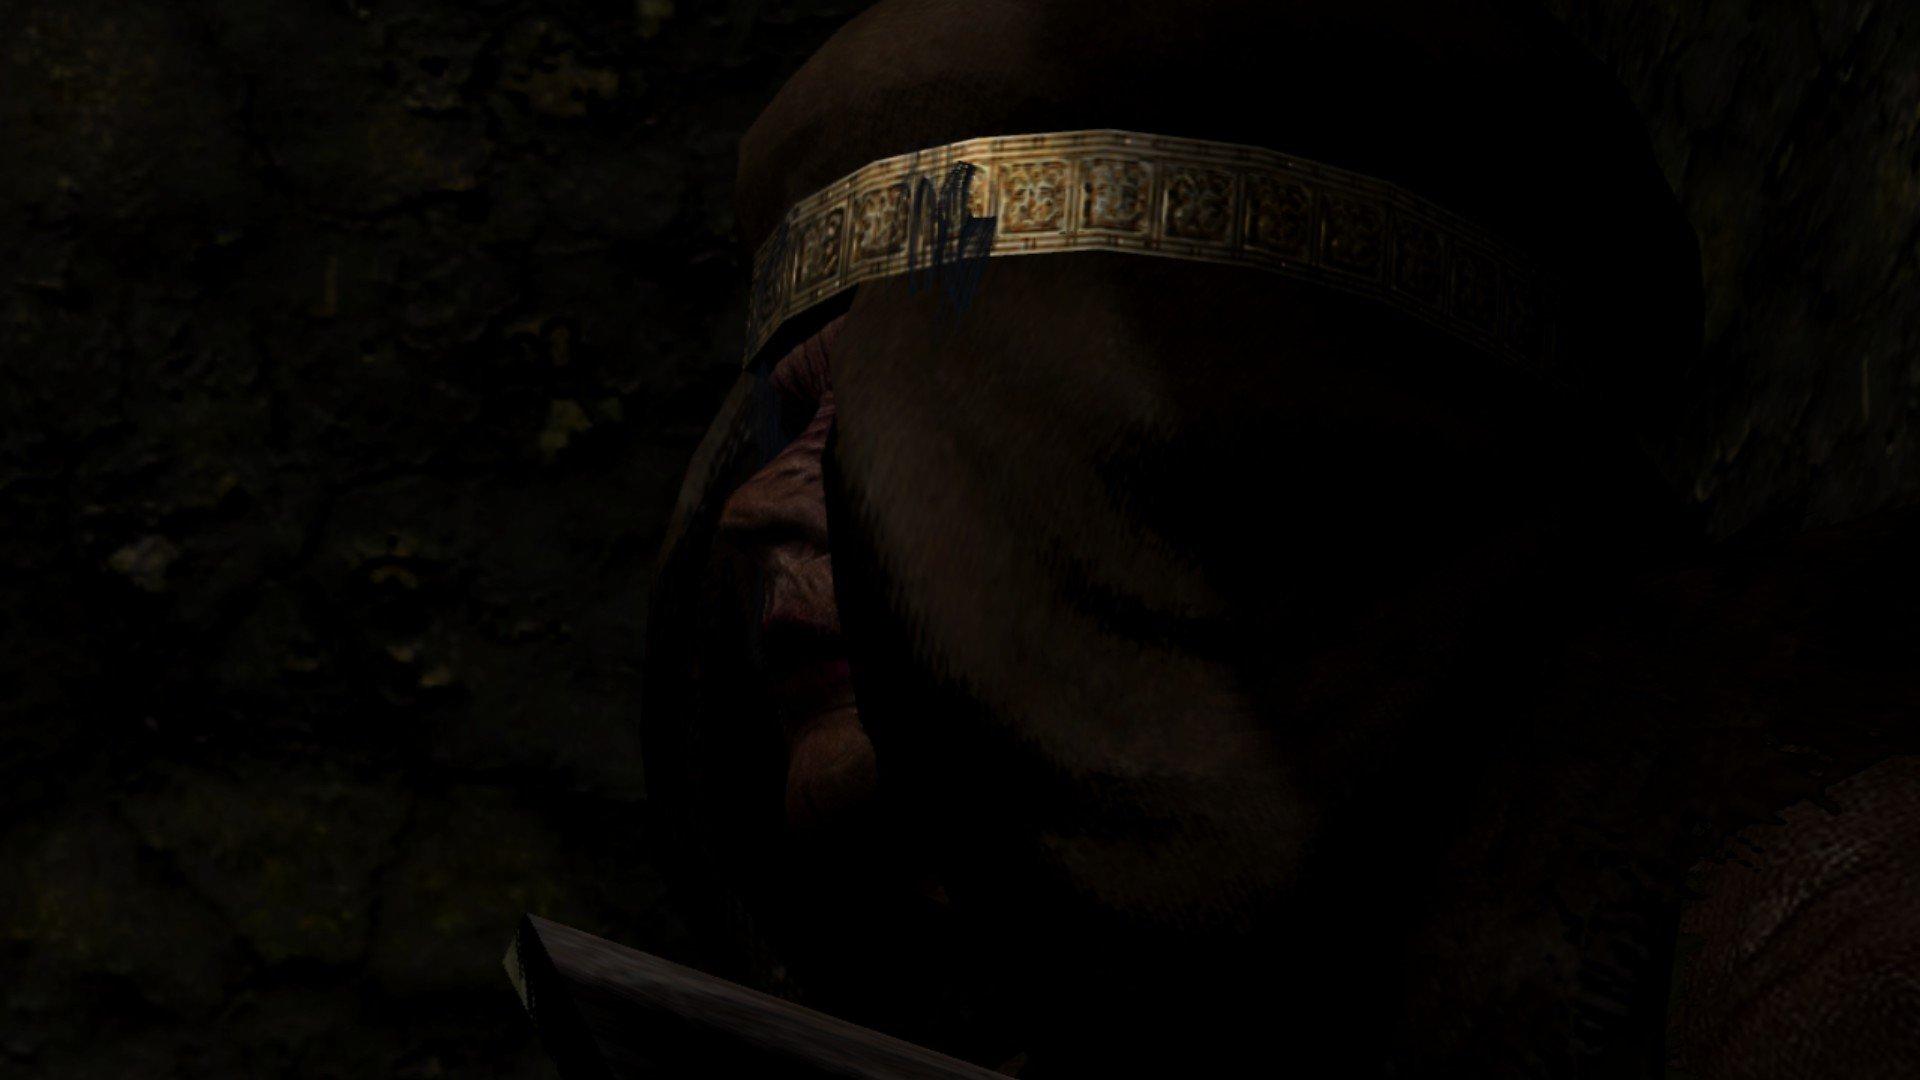 Вопль-прохождение Dark Souls часть 1 (ЗАПИСЬ) ... еще не решил, как это называть! - Изображение 2